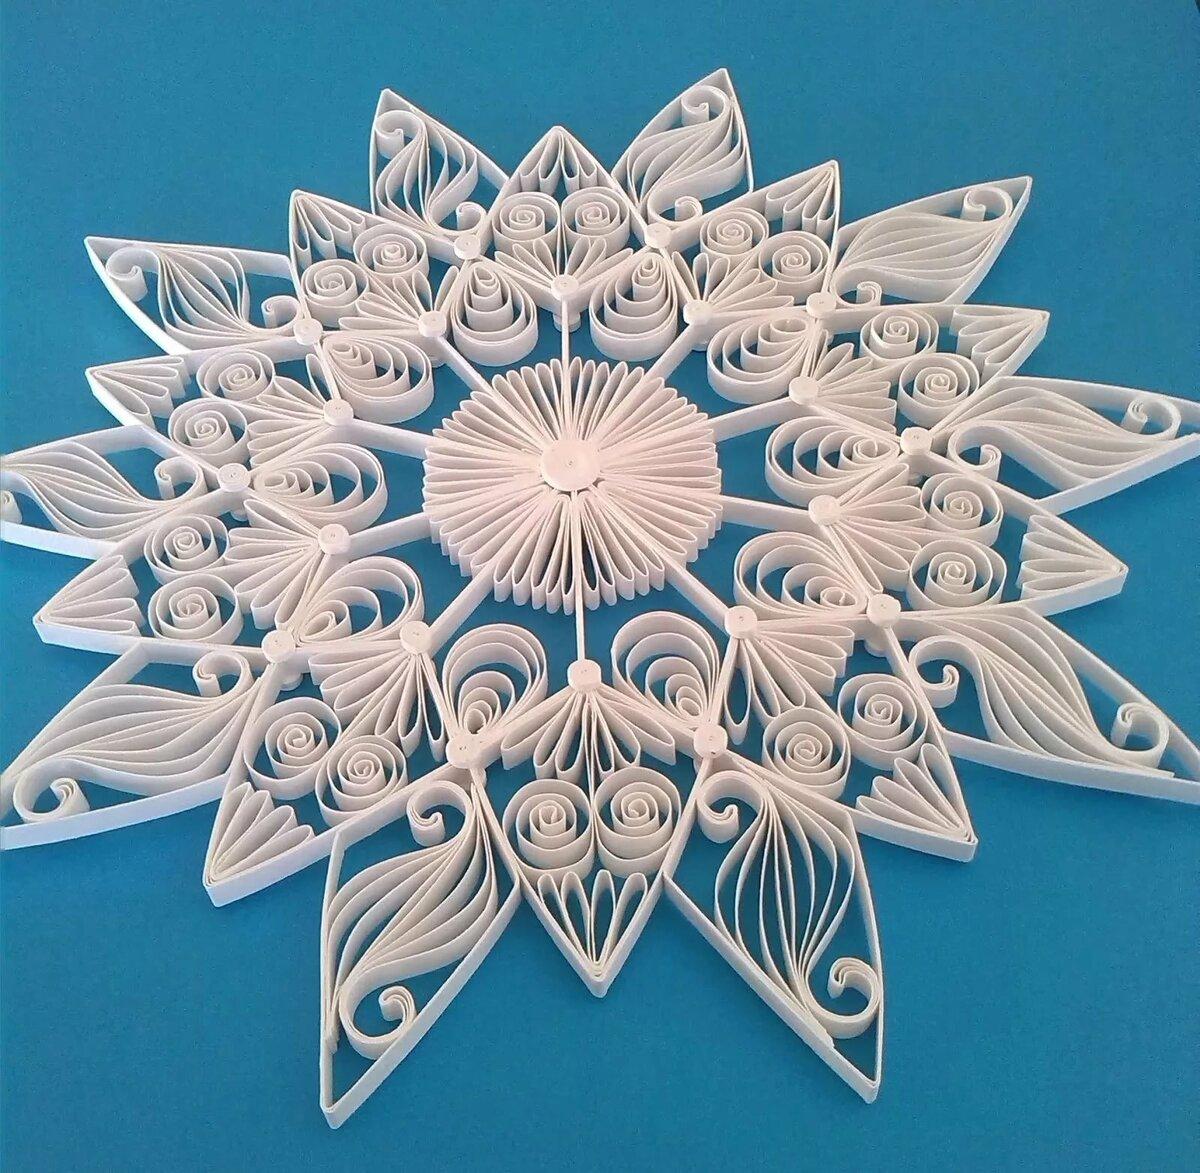 волокна накапливают новогодние снежинки из бумаги своими руками фото том, что